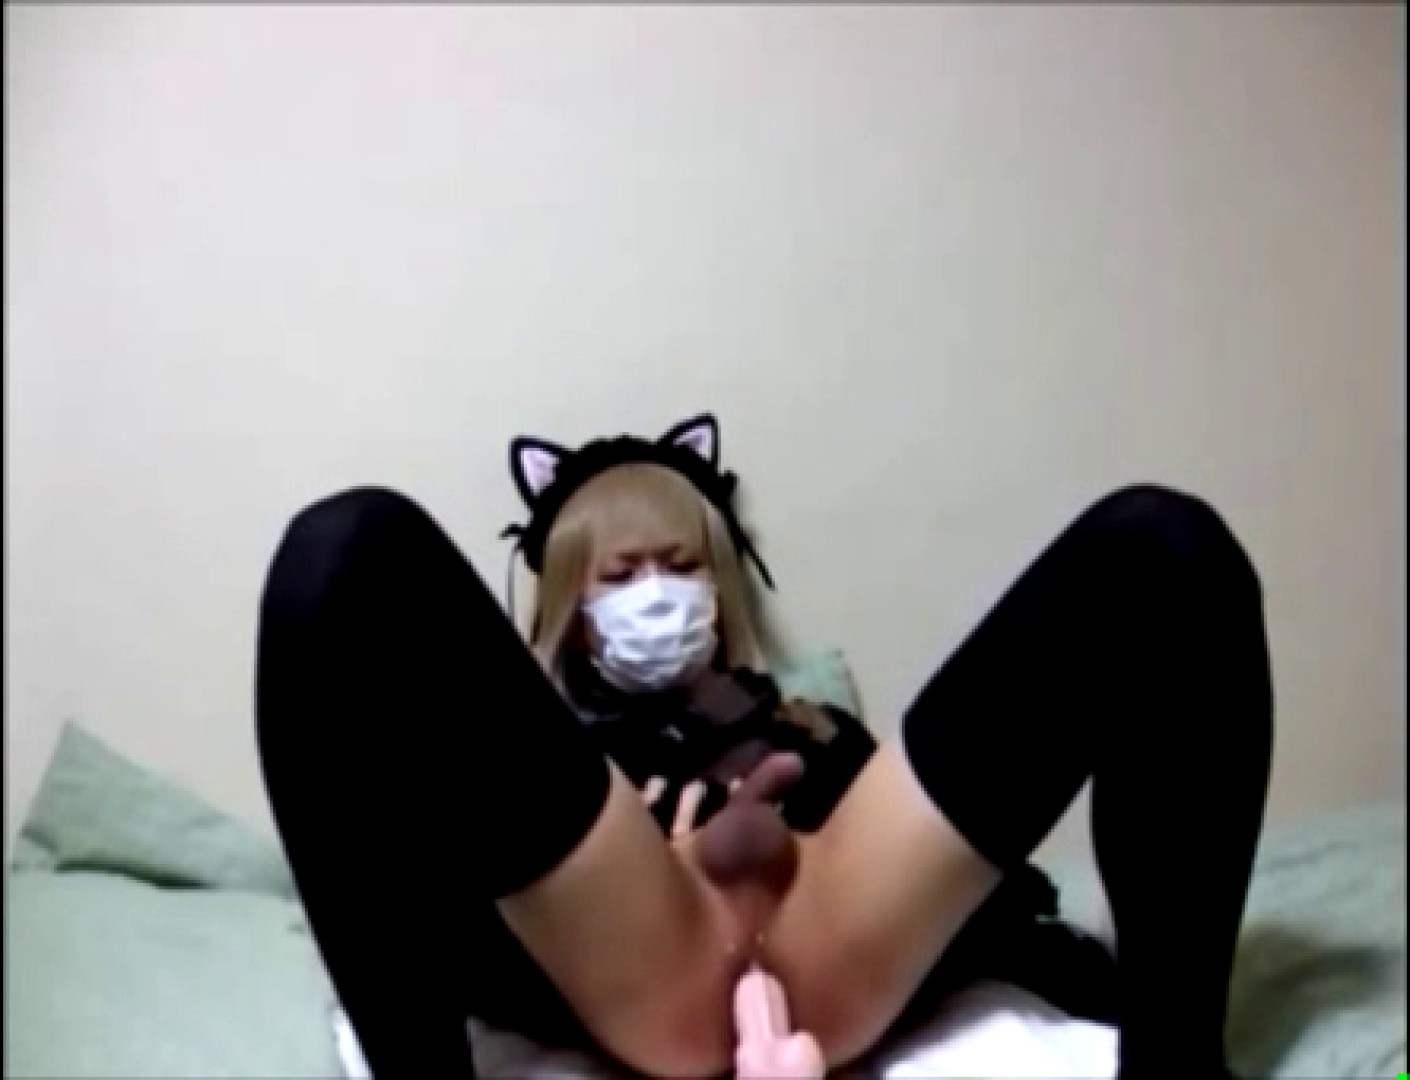 男のKOスプレー!Vol.12 流出作品 ゲイアダルトビデオ画像 105pic 68